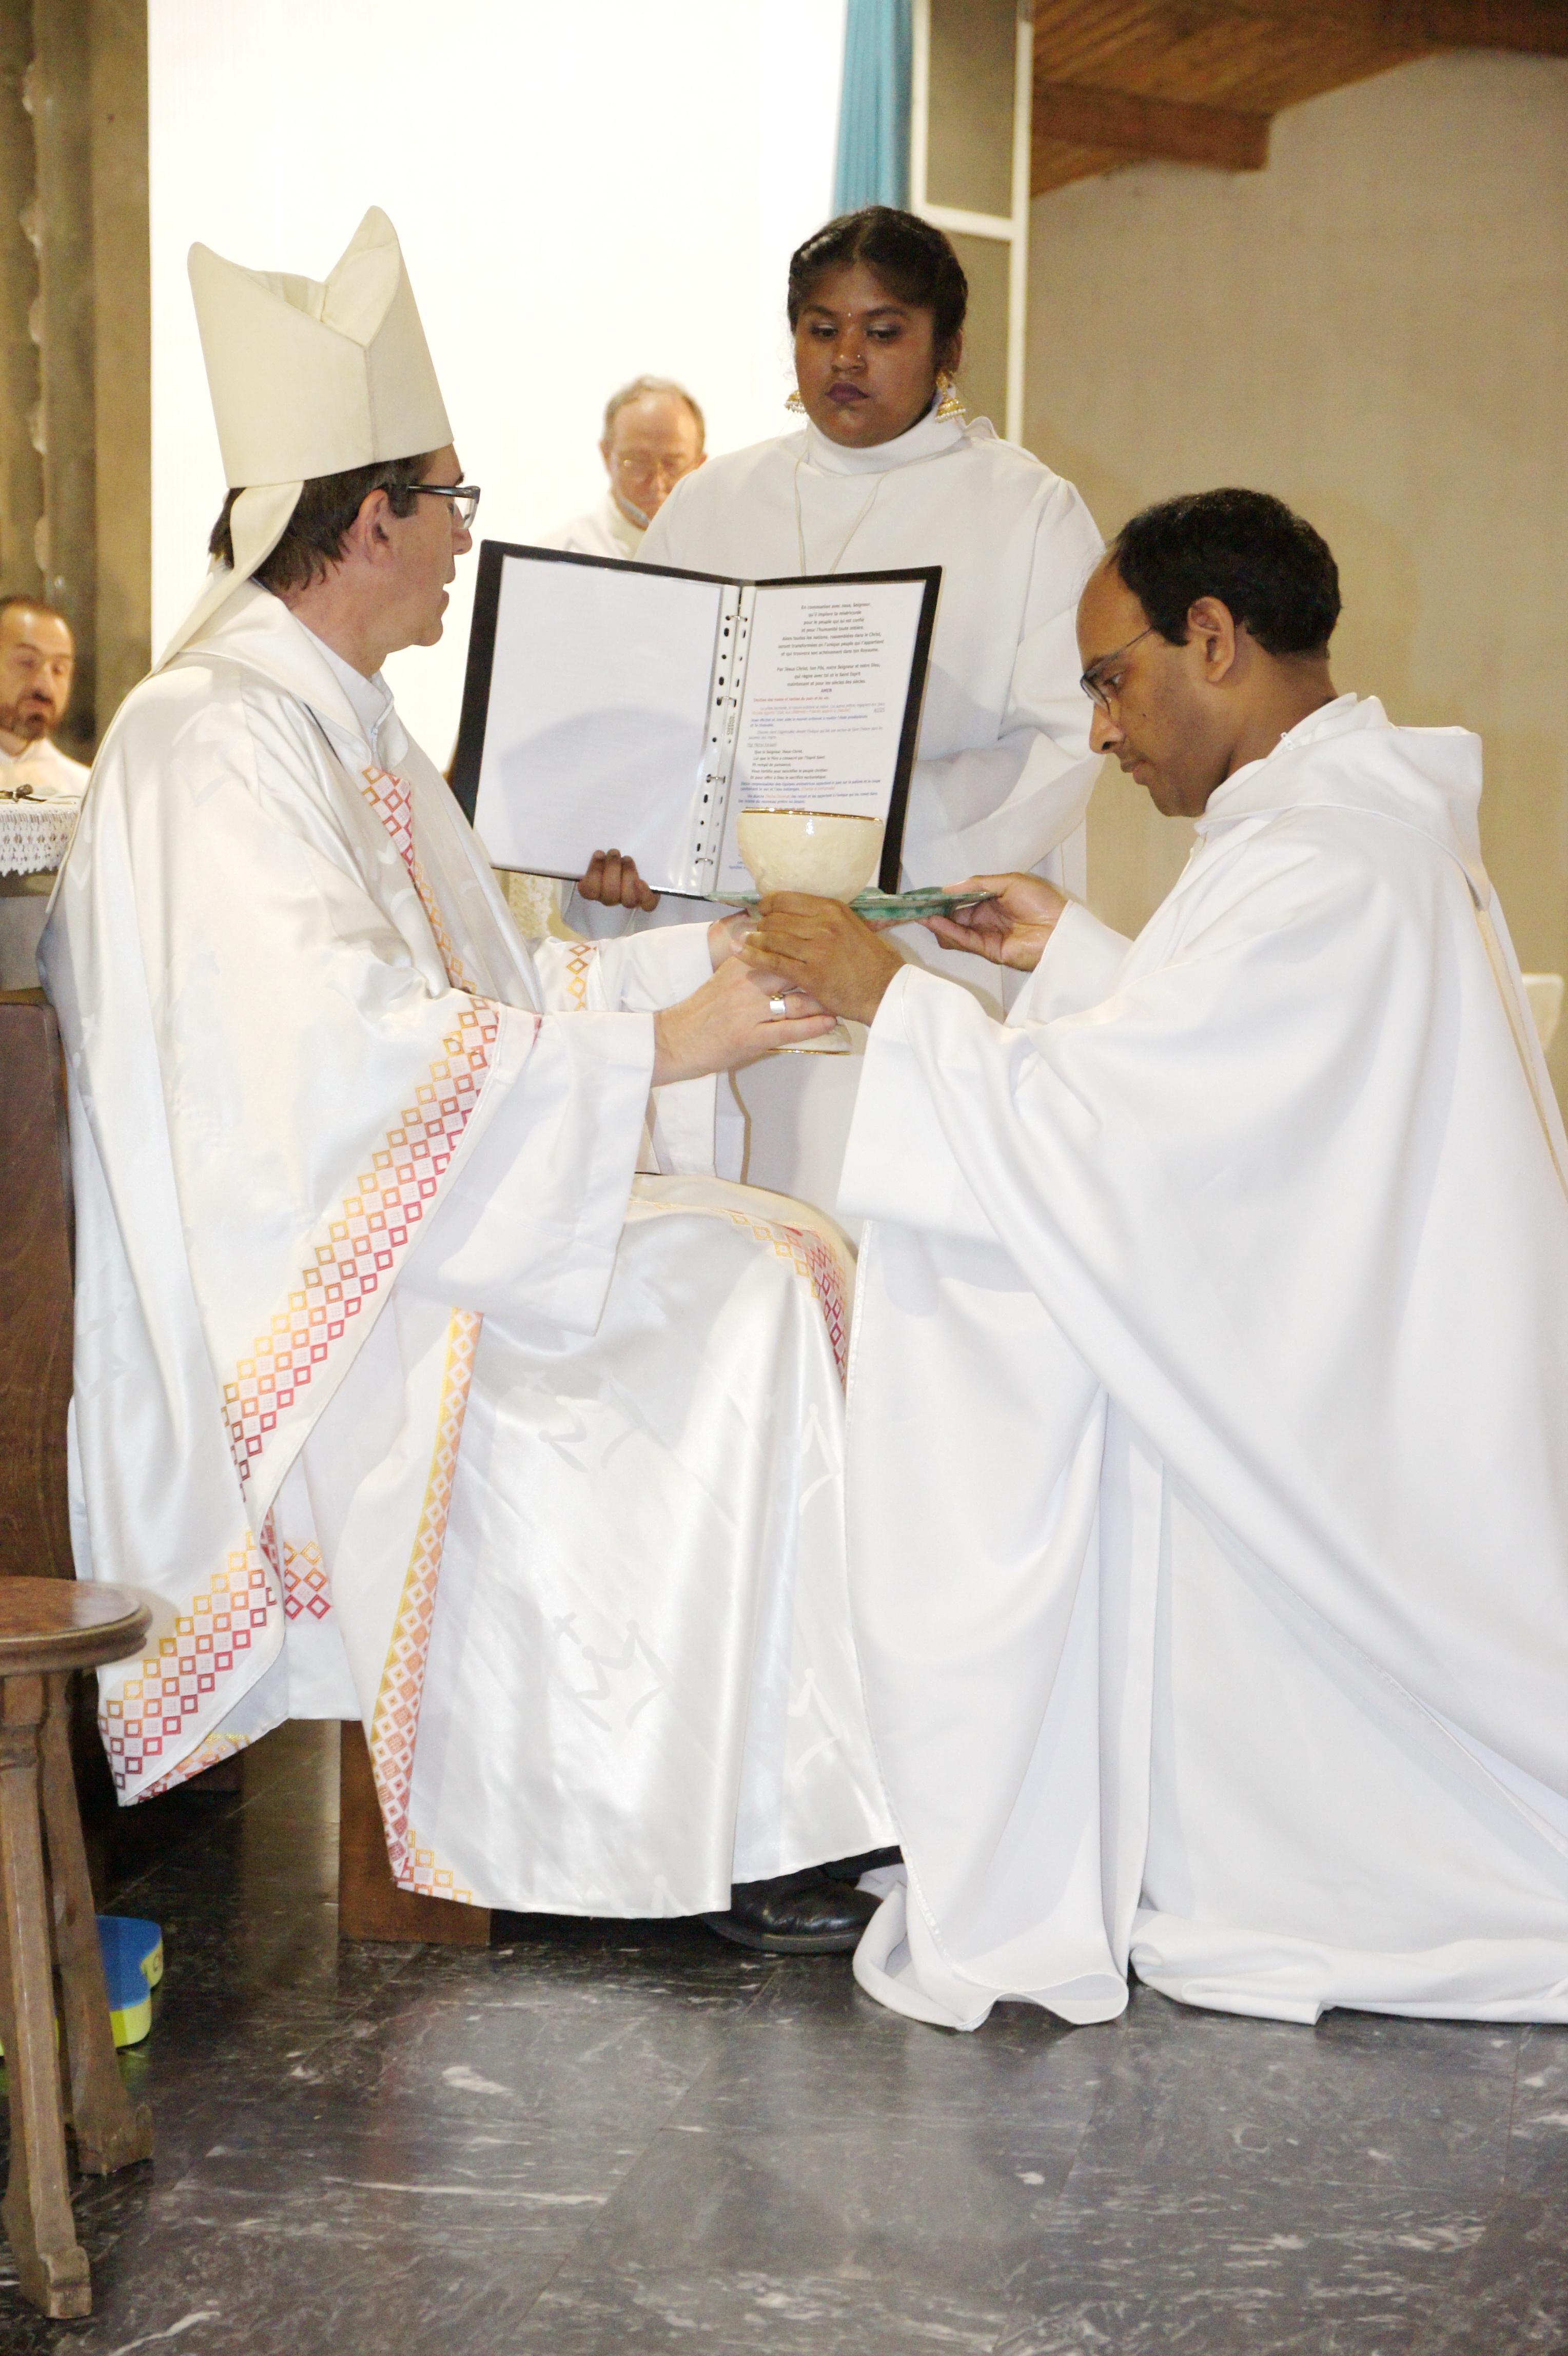 Ordination sacerdotale : le témoignage d'Etienne de Souza